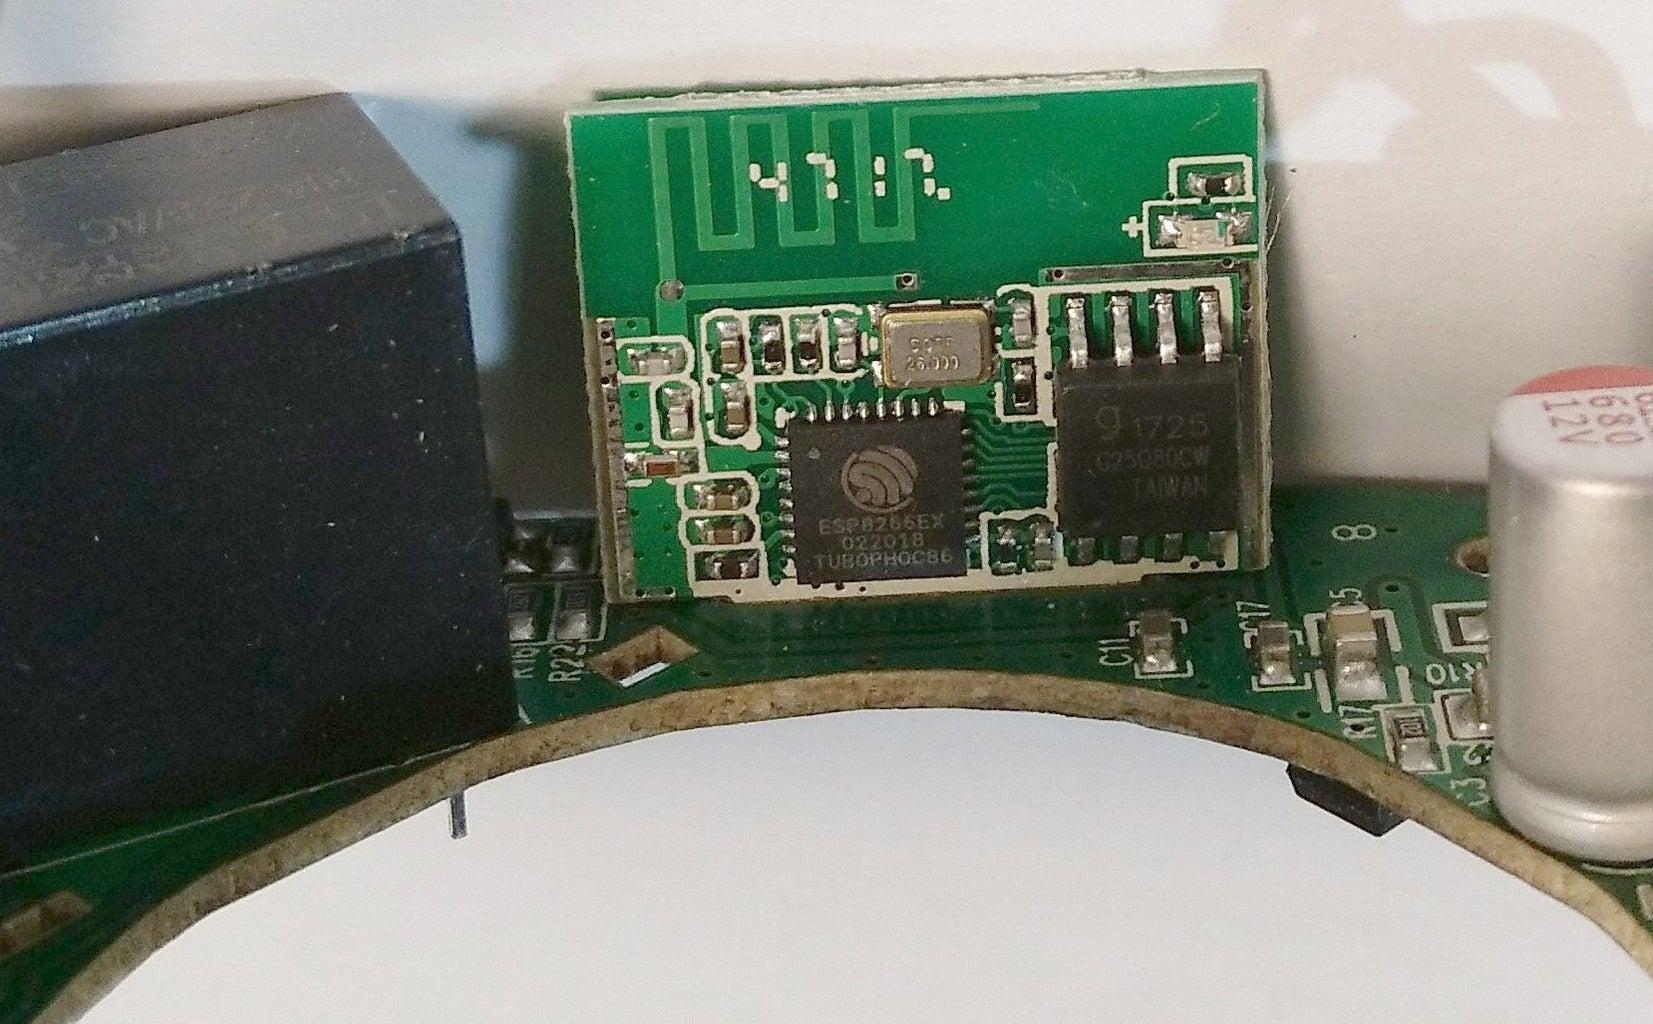 Accessing the Esp8266ex Module